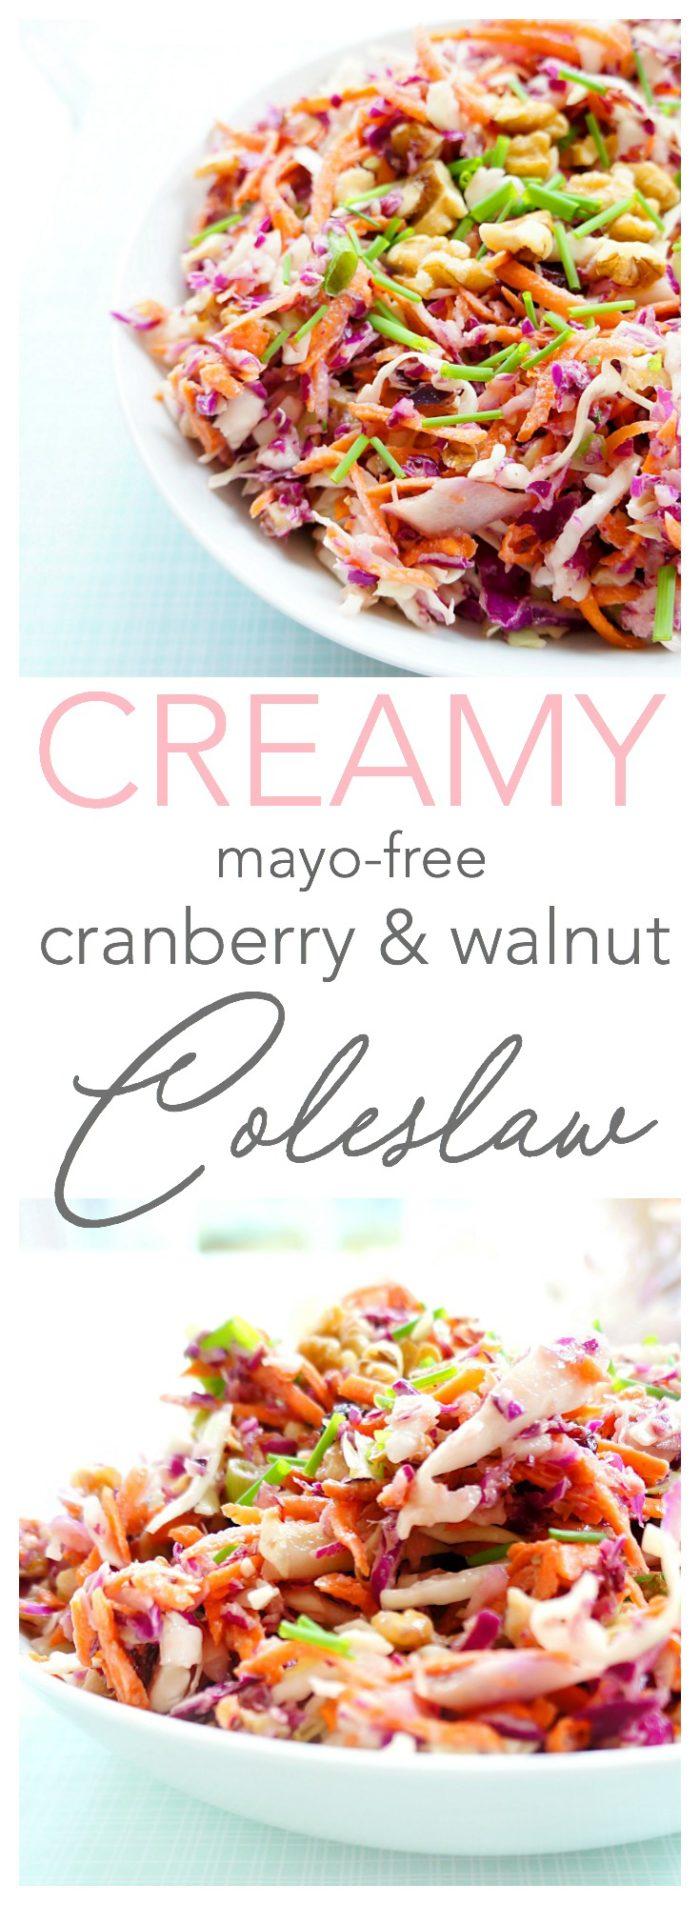 Creamy Cranberry & Walnut Coleslaw